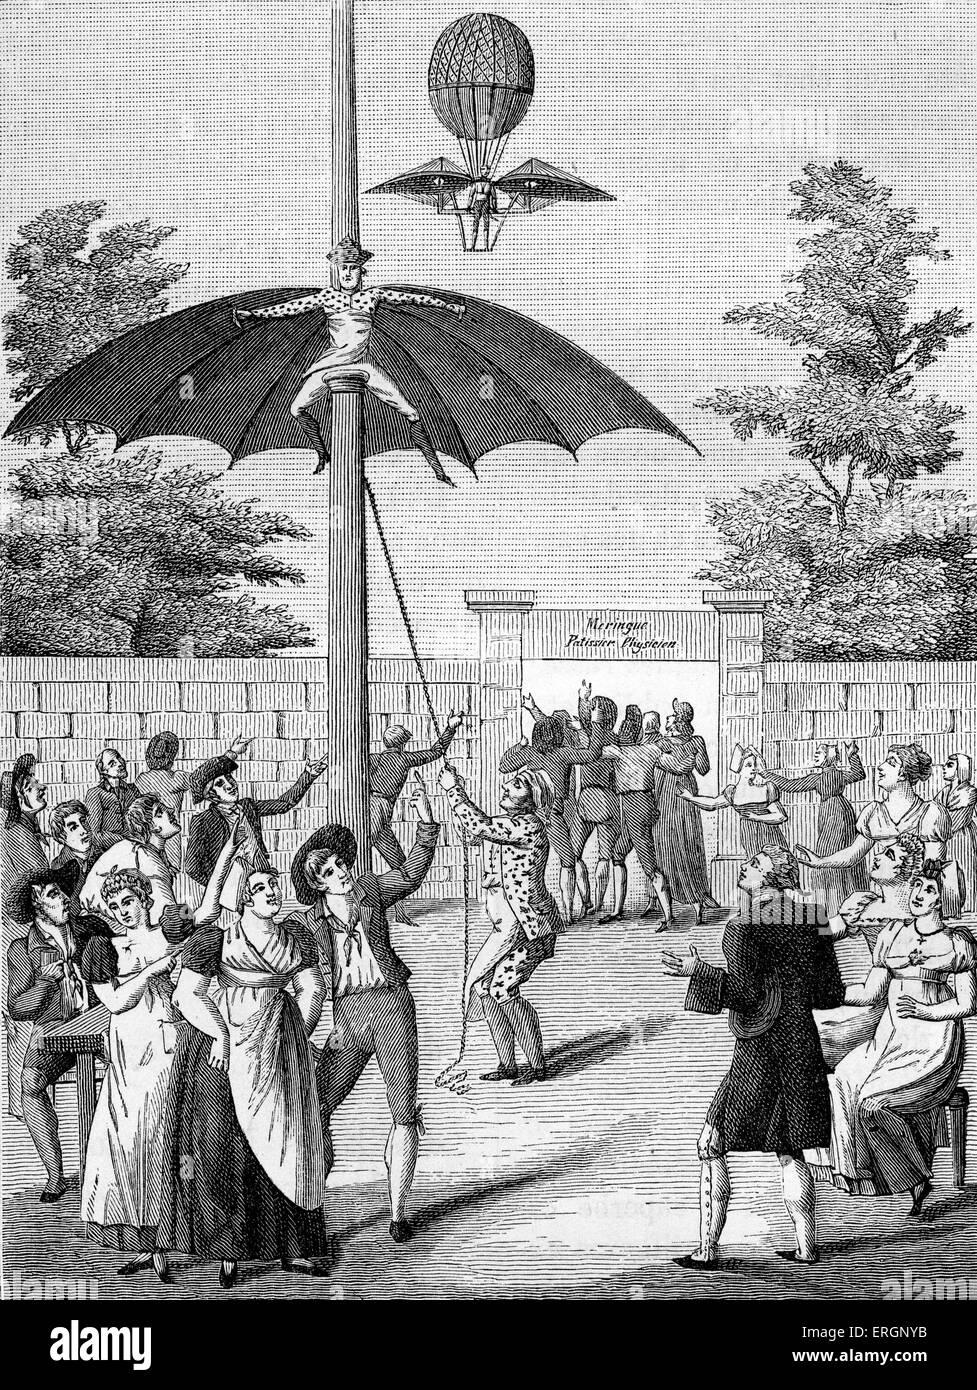 Vol , l'homme à l'animation du parc Jardin d'Idalie, Calais, France. 19e siècle . Photo Stock